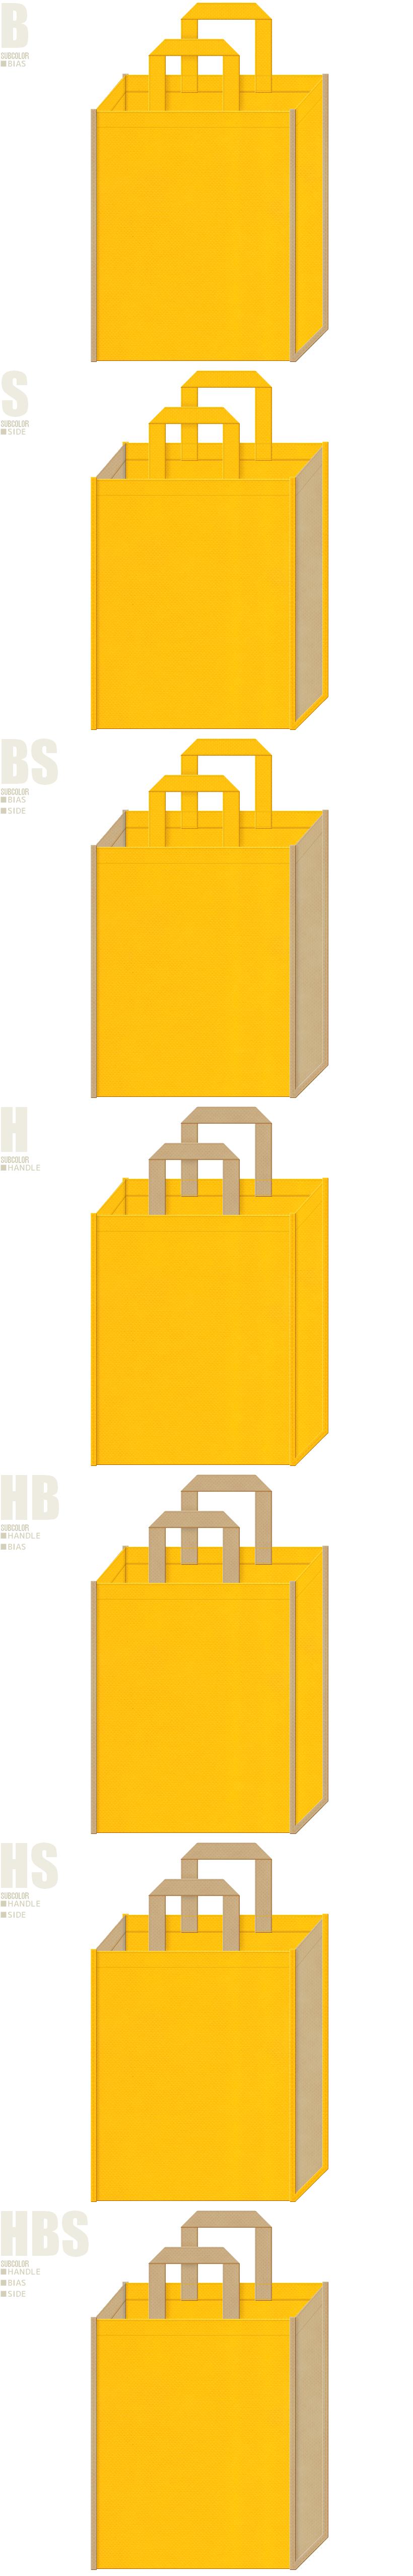 黄色とカーキ色、7パターンの不織布トートバッグ配色デザイン例。